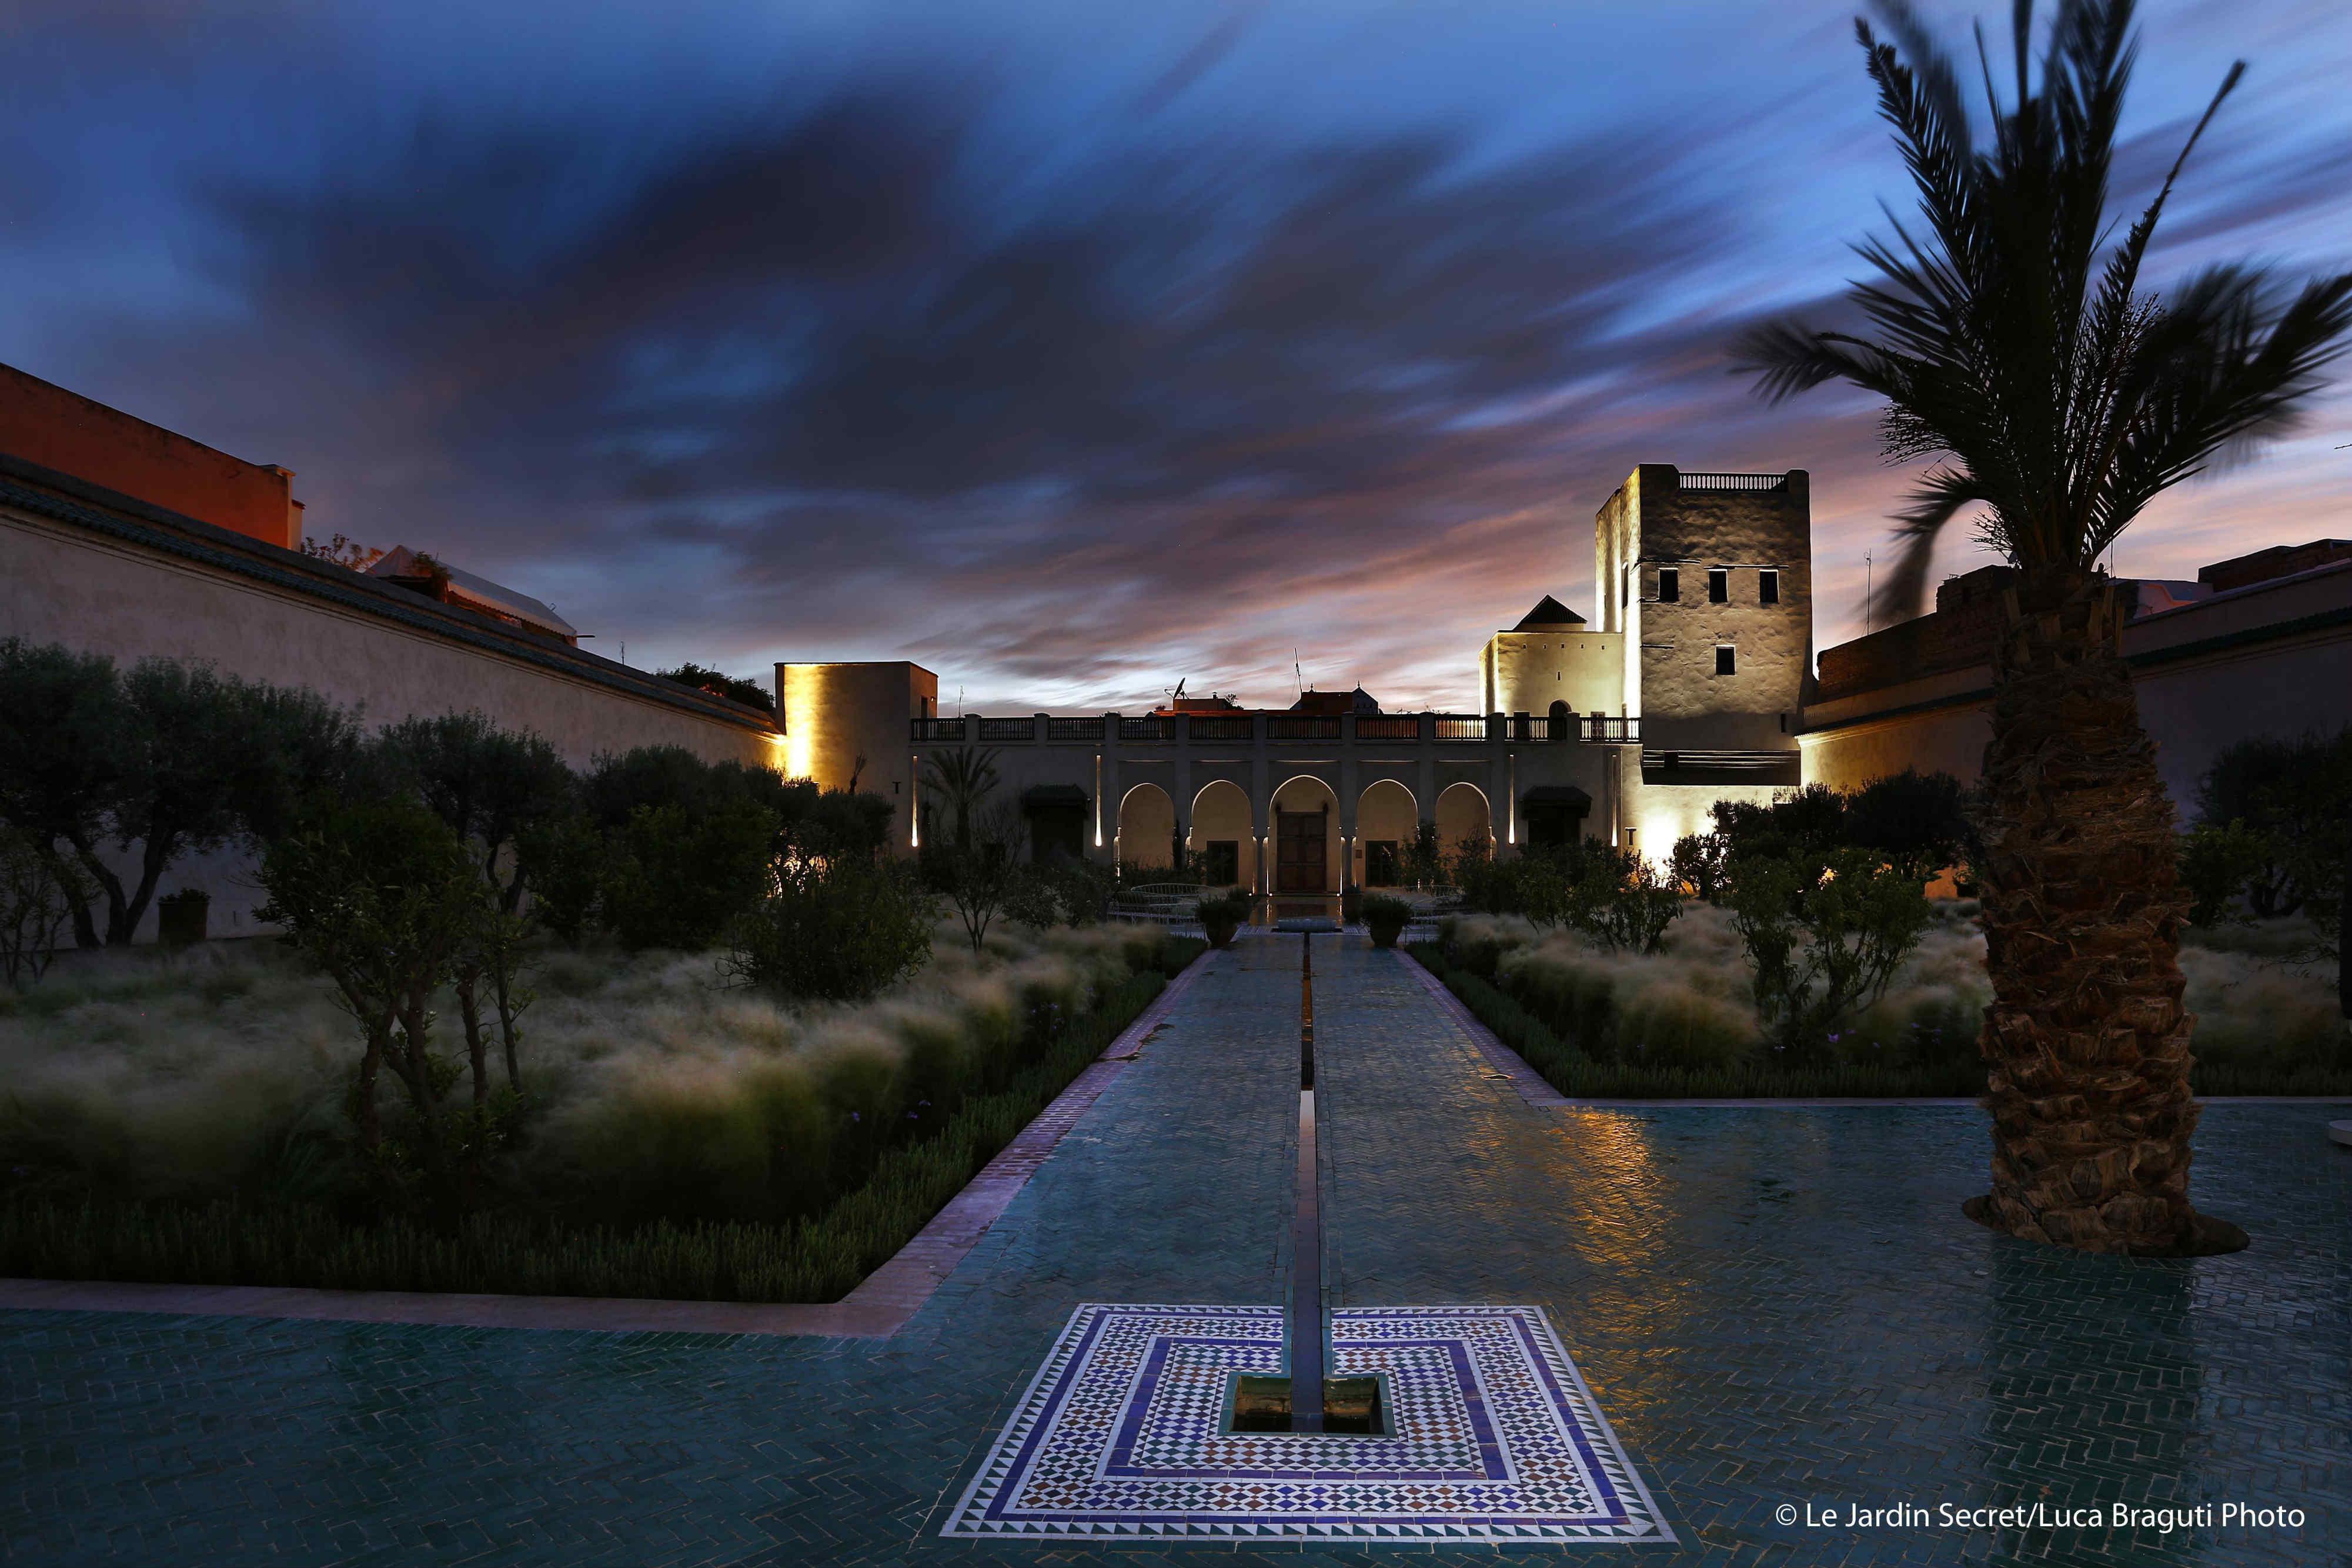 L 39 ultima perla di marrakech le jardin secret foto tgcom24 for Le jardin secret marrakech